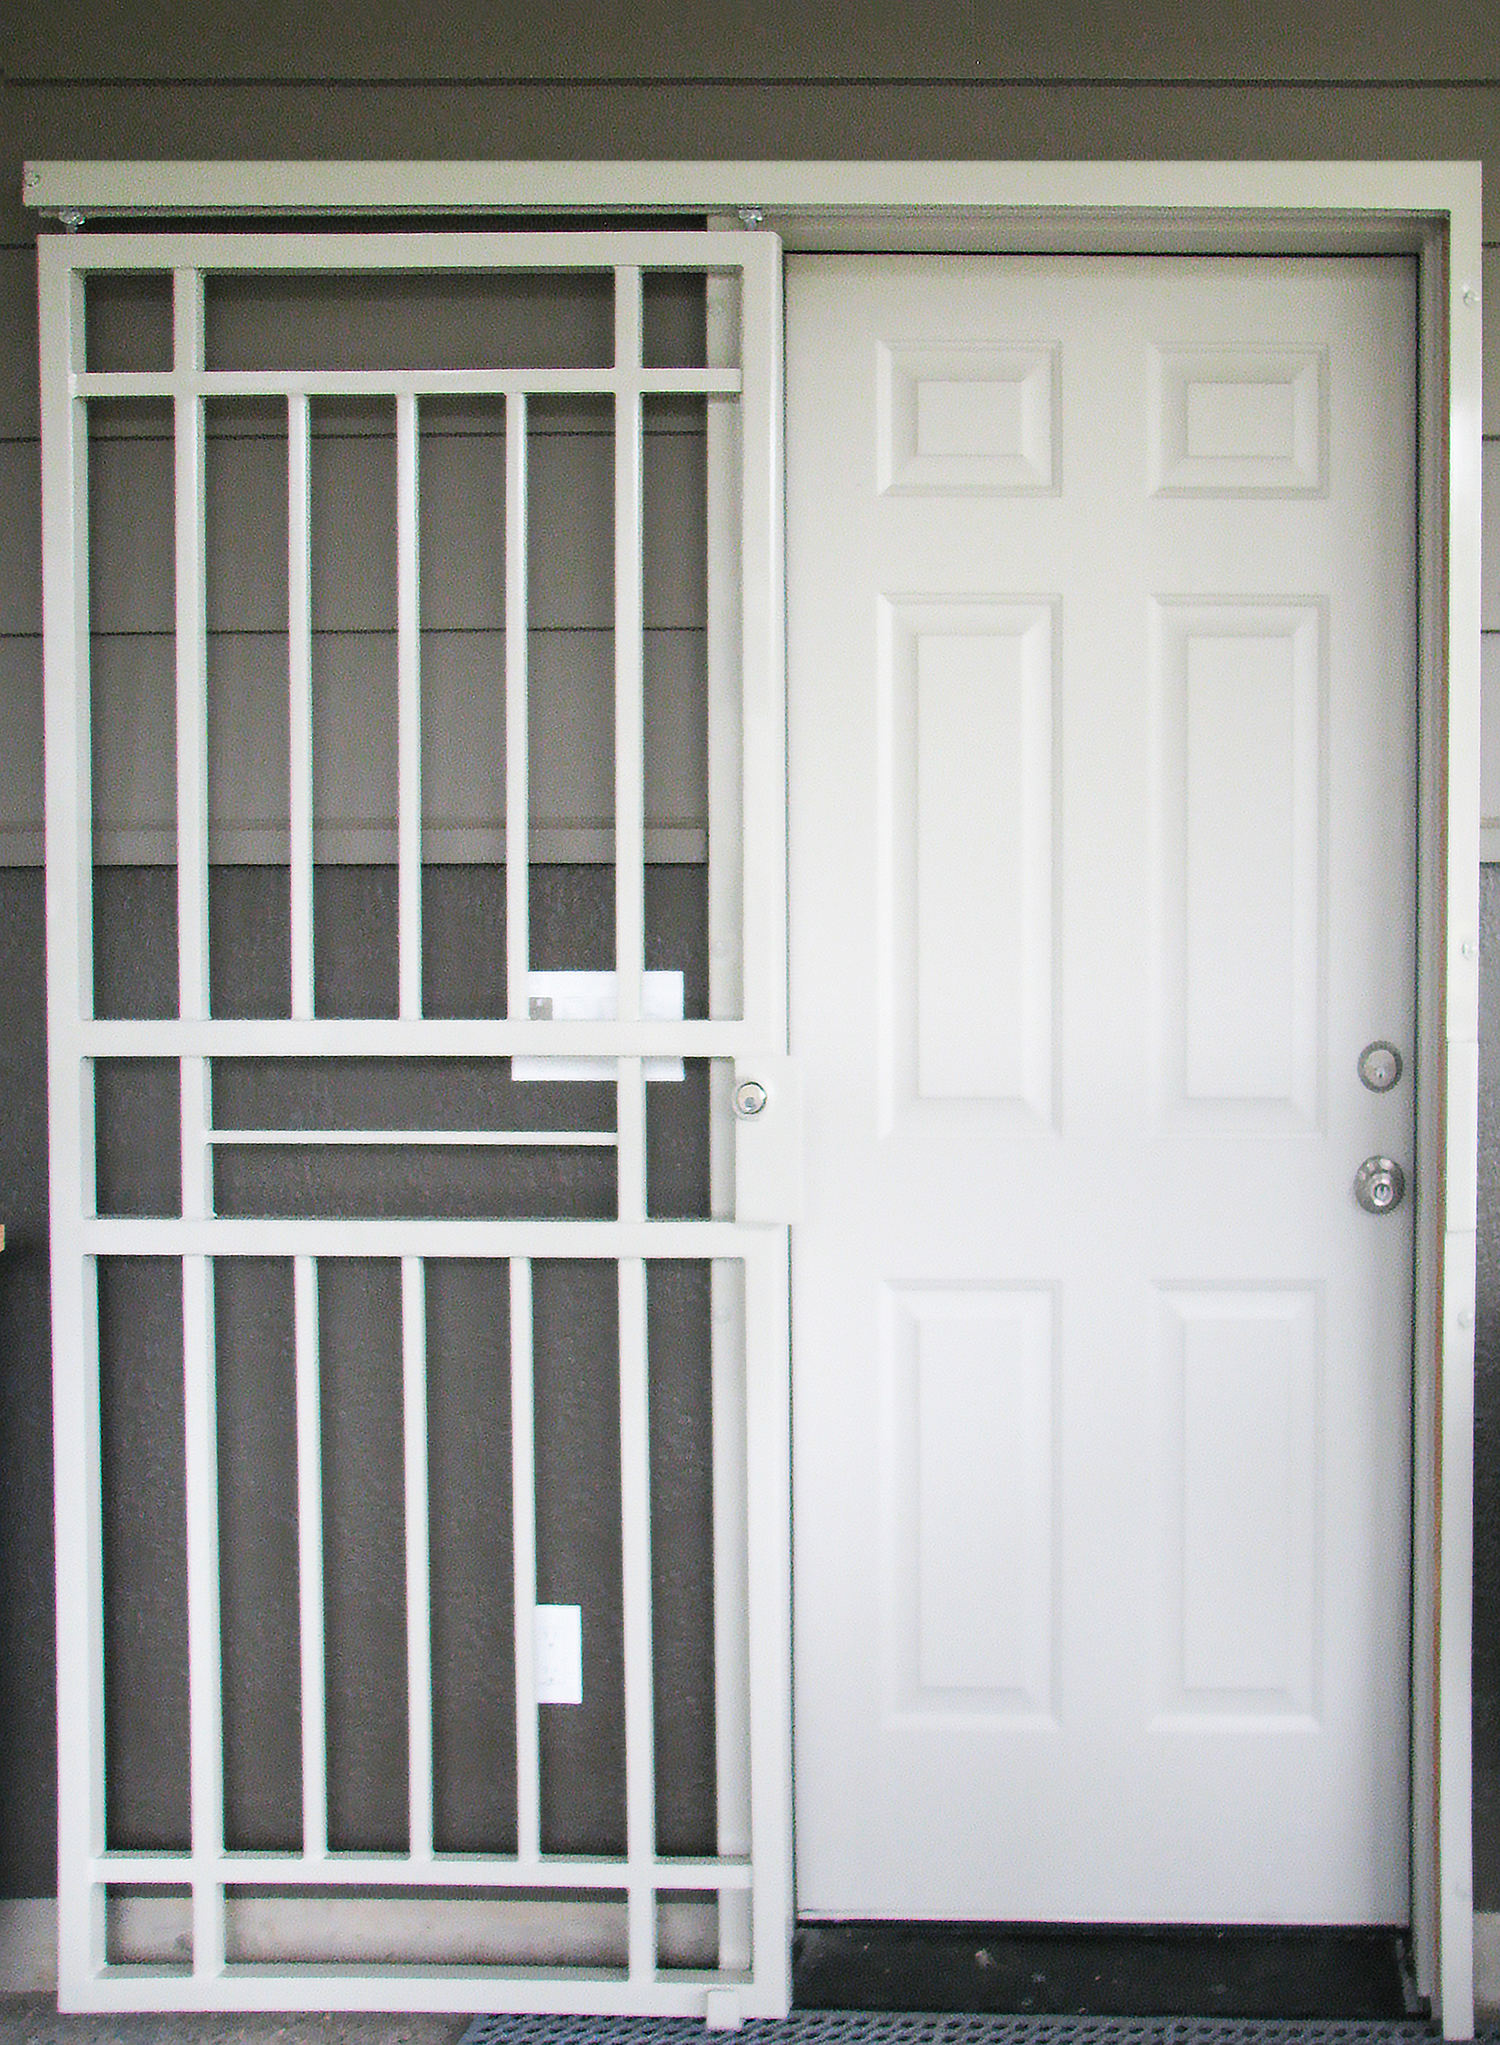 Gallery two craftsman series doors mascotte security for Door 4 security